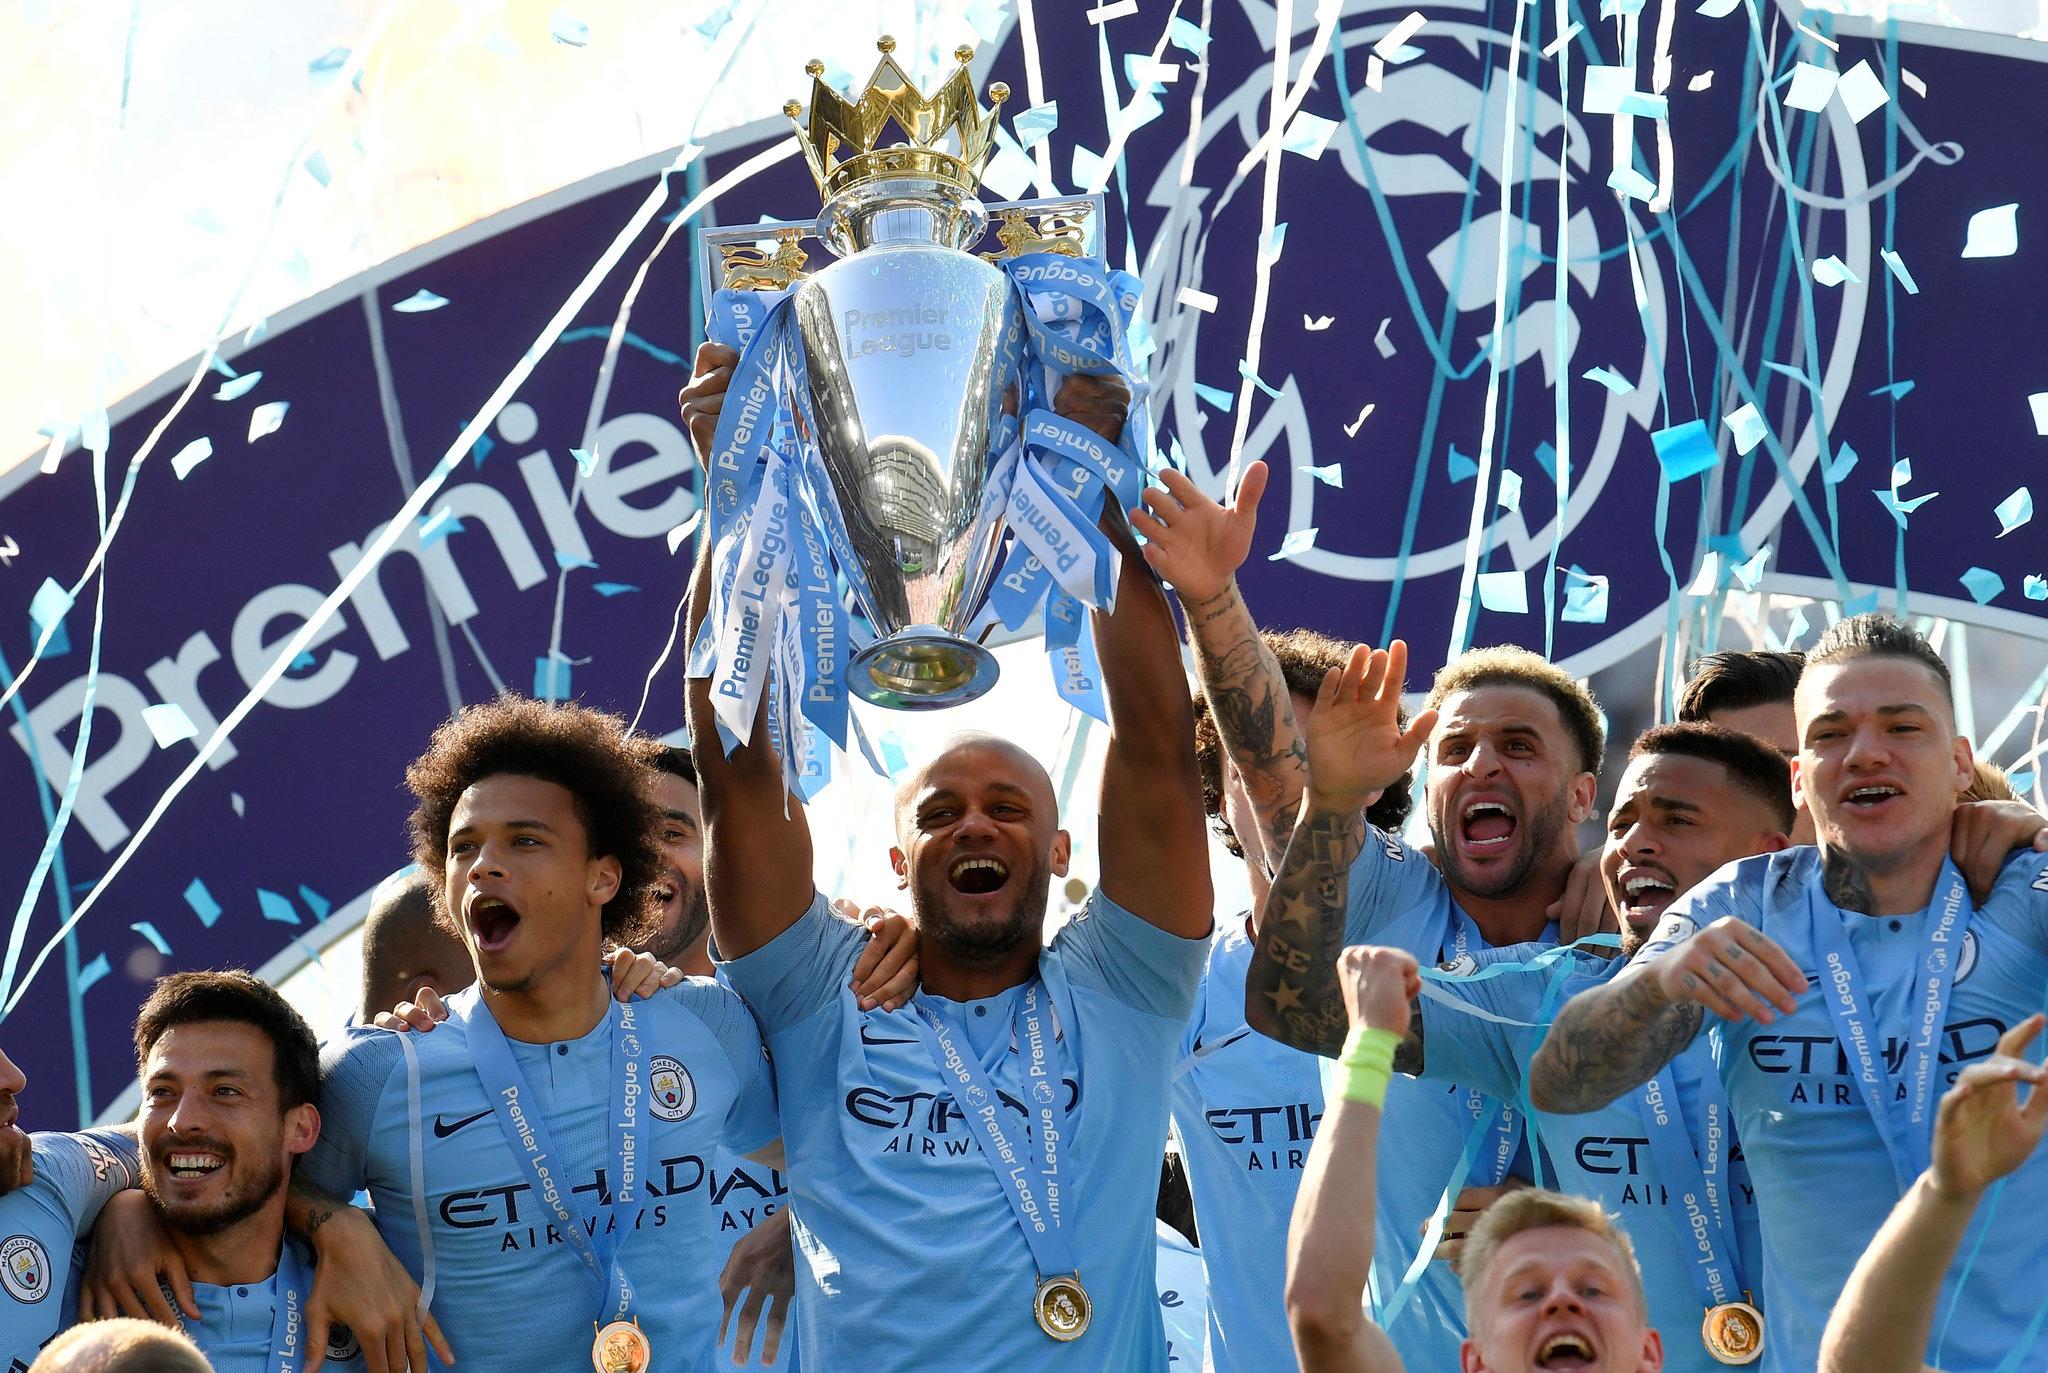 Premier League winner 2019